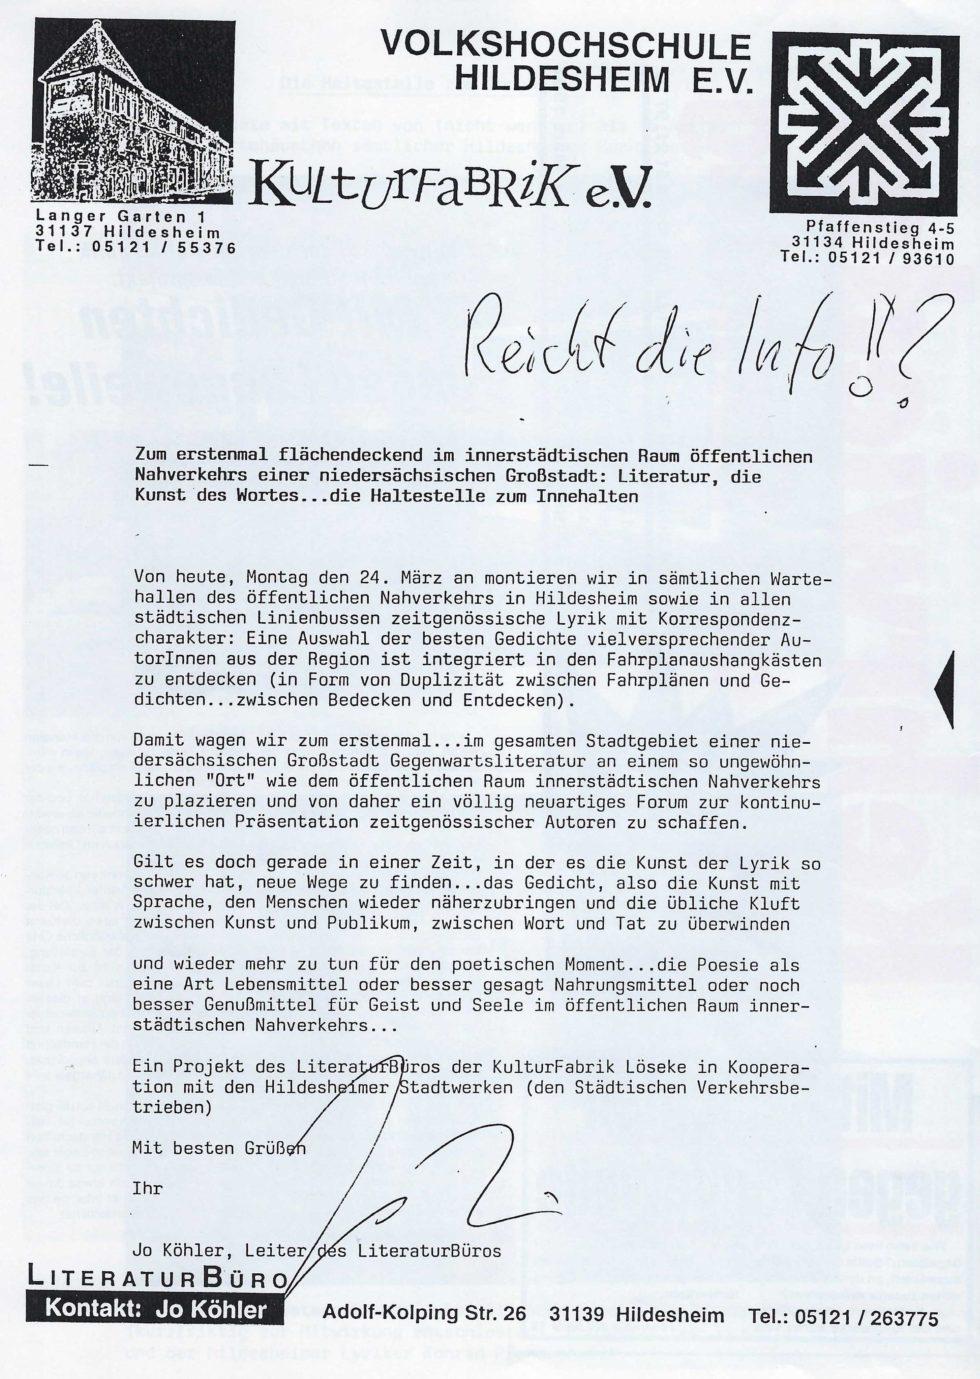 1996 LiteraTOUR in den Bussen_Seite_06